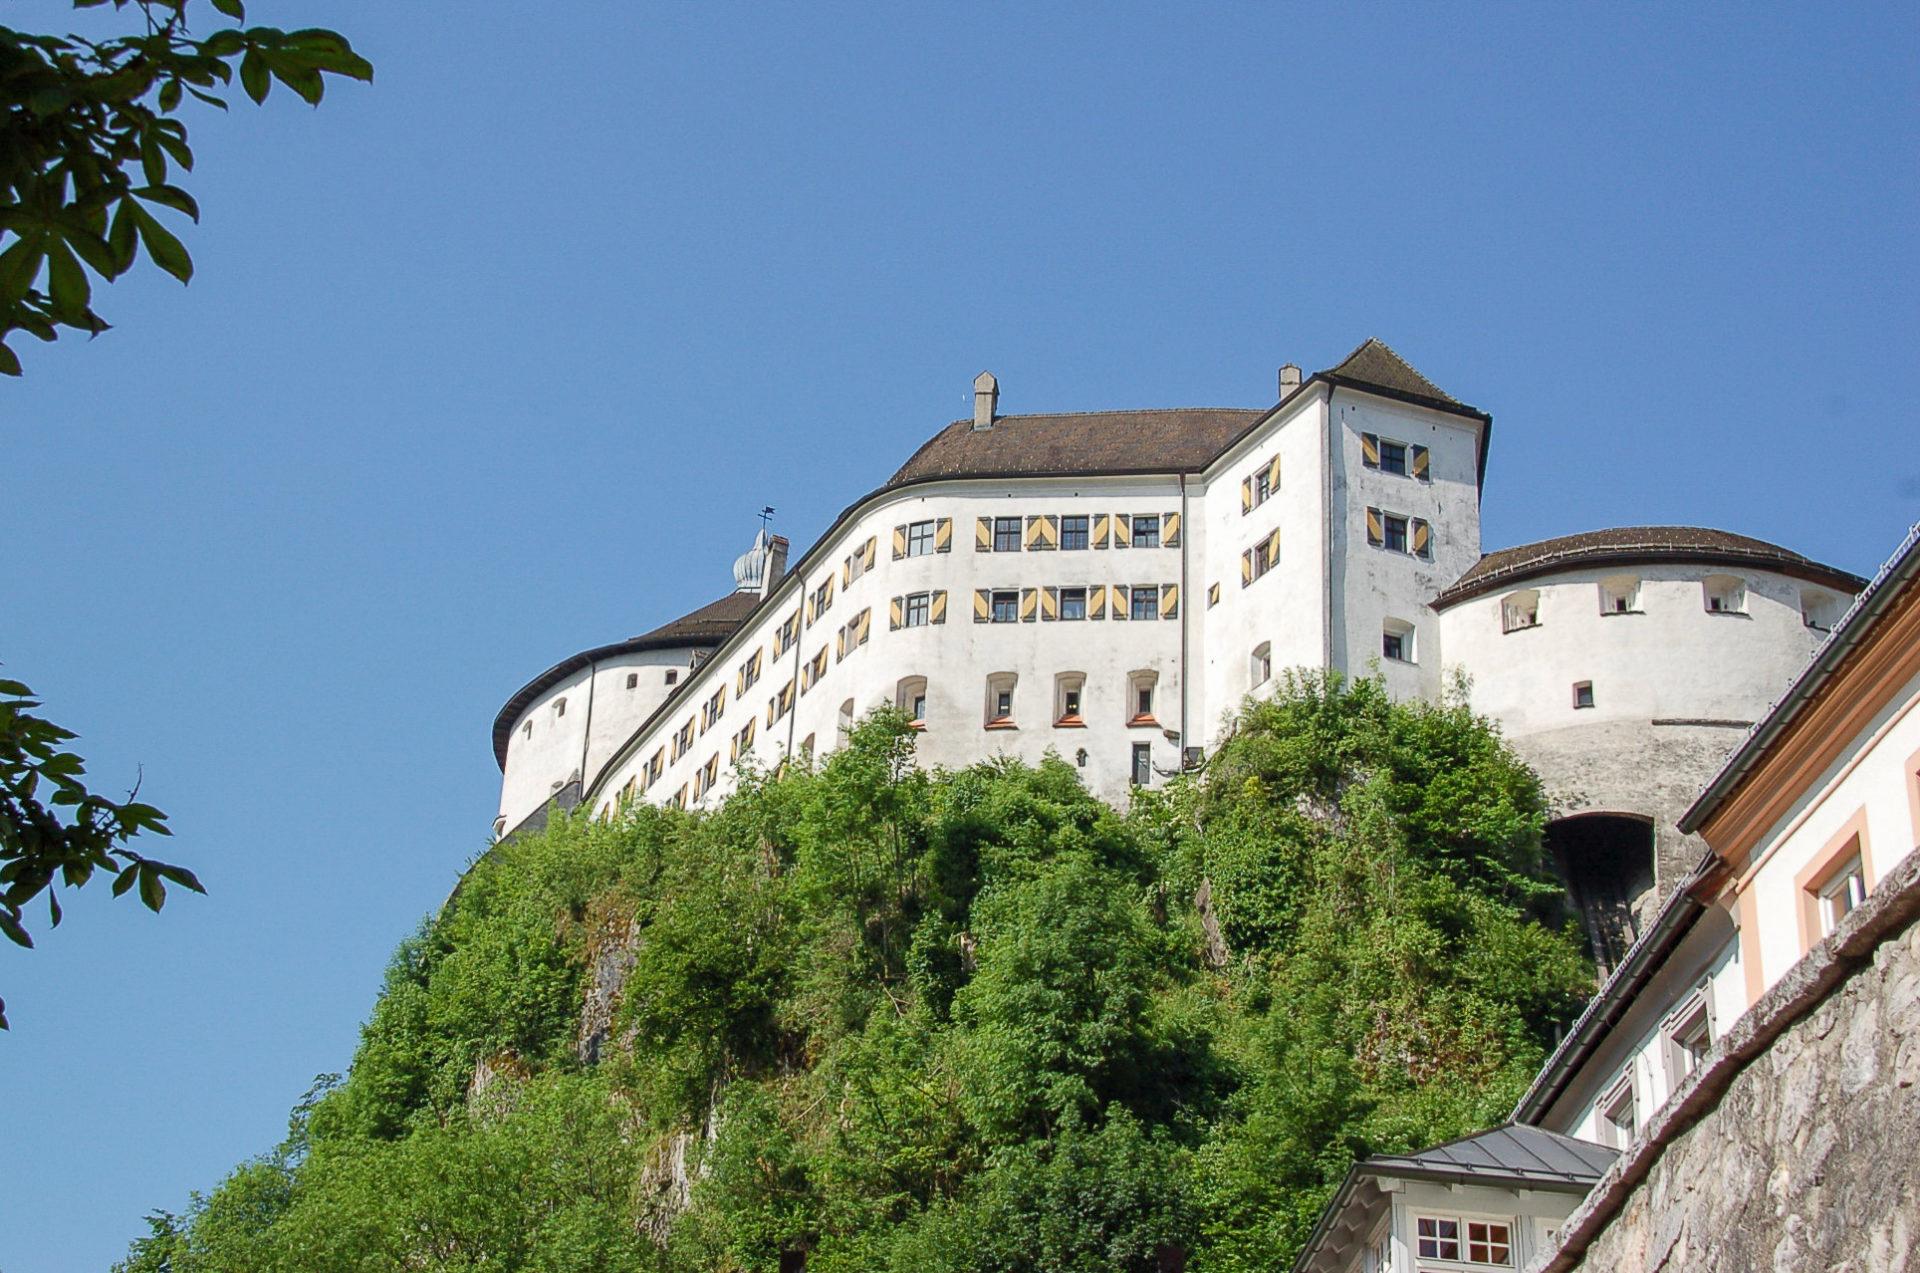 Die Burg in Kufstein am Innradweg in Tirol ist ein erhabener Anblick hoch auf einem Felsen